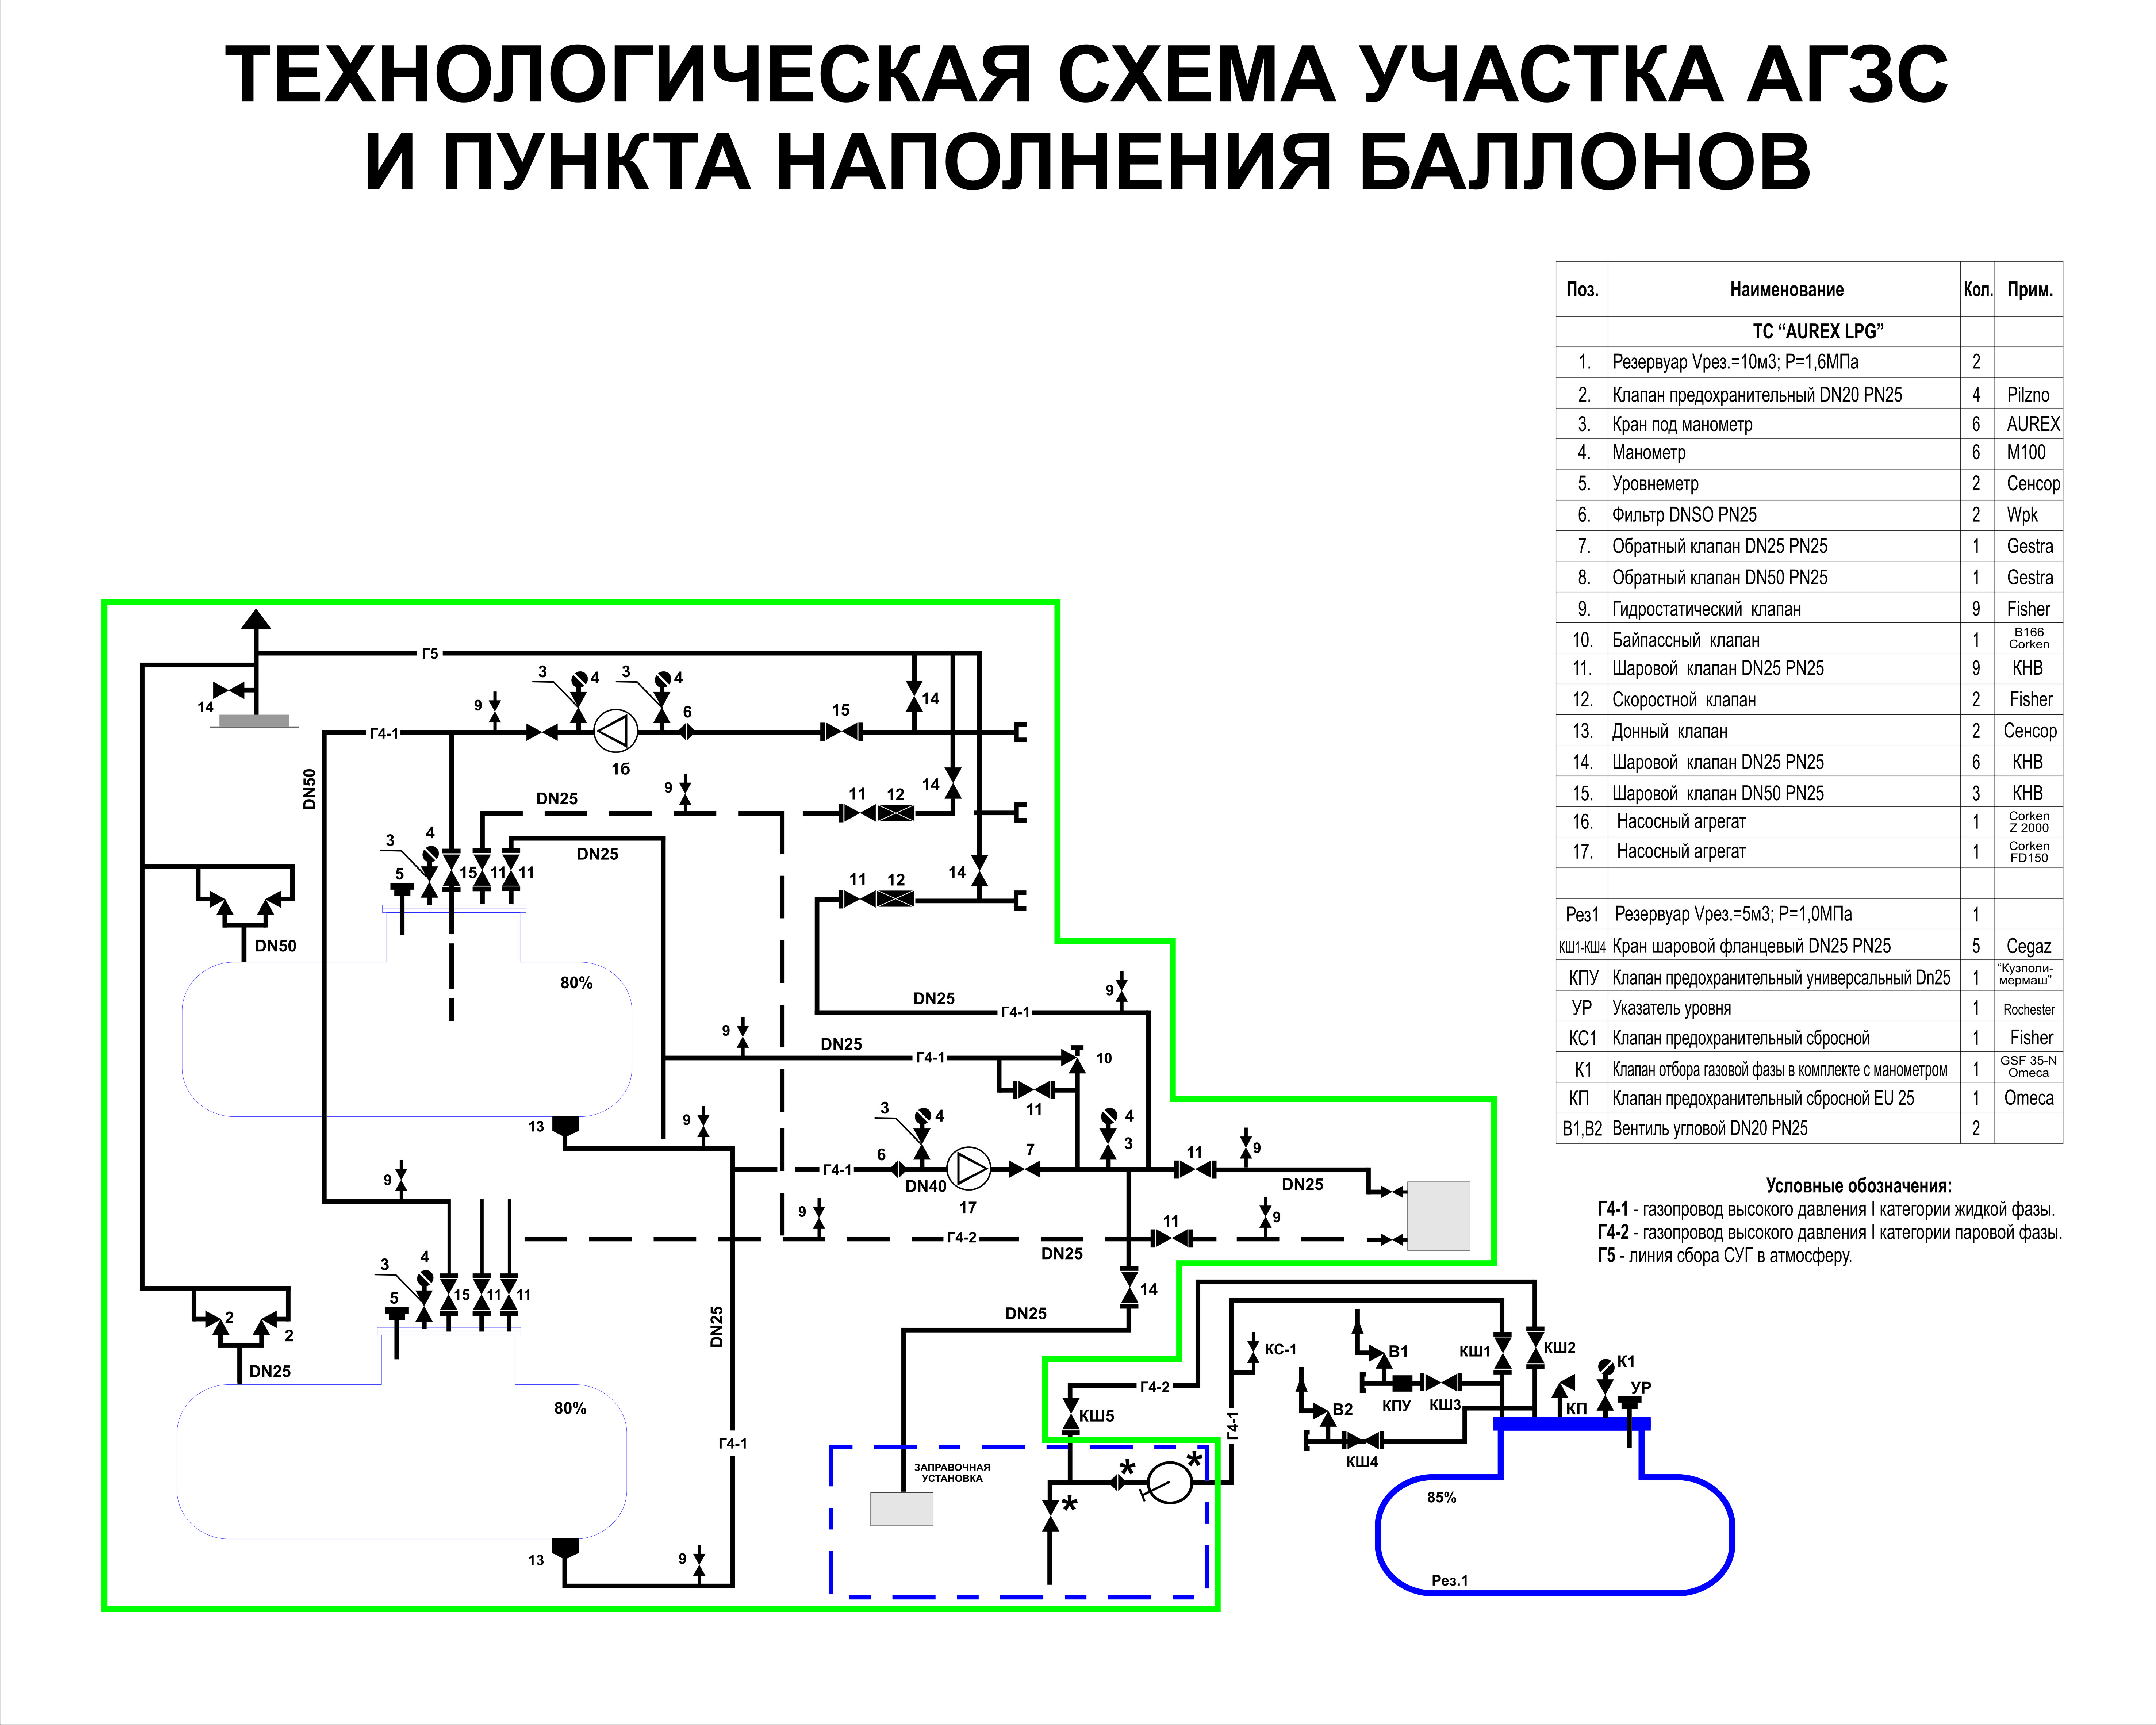 Технологическая инструкция ОАО Роснефть антикоррозионная